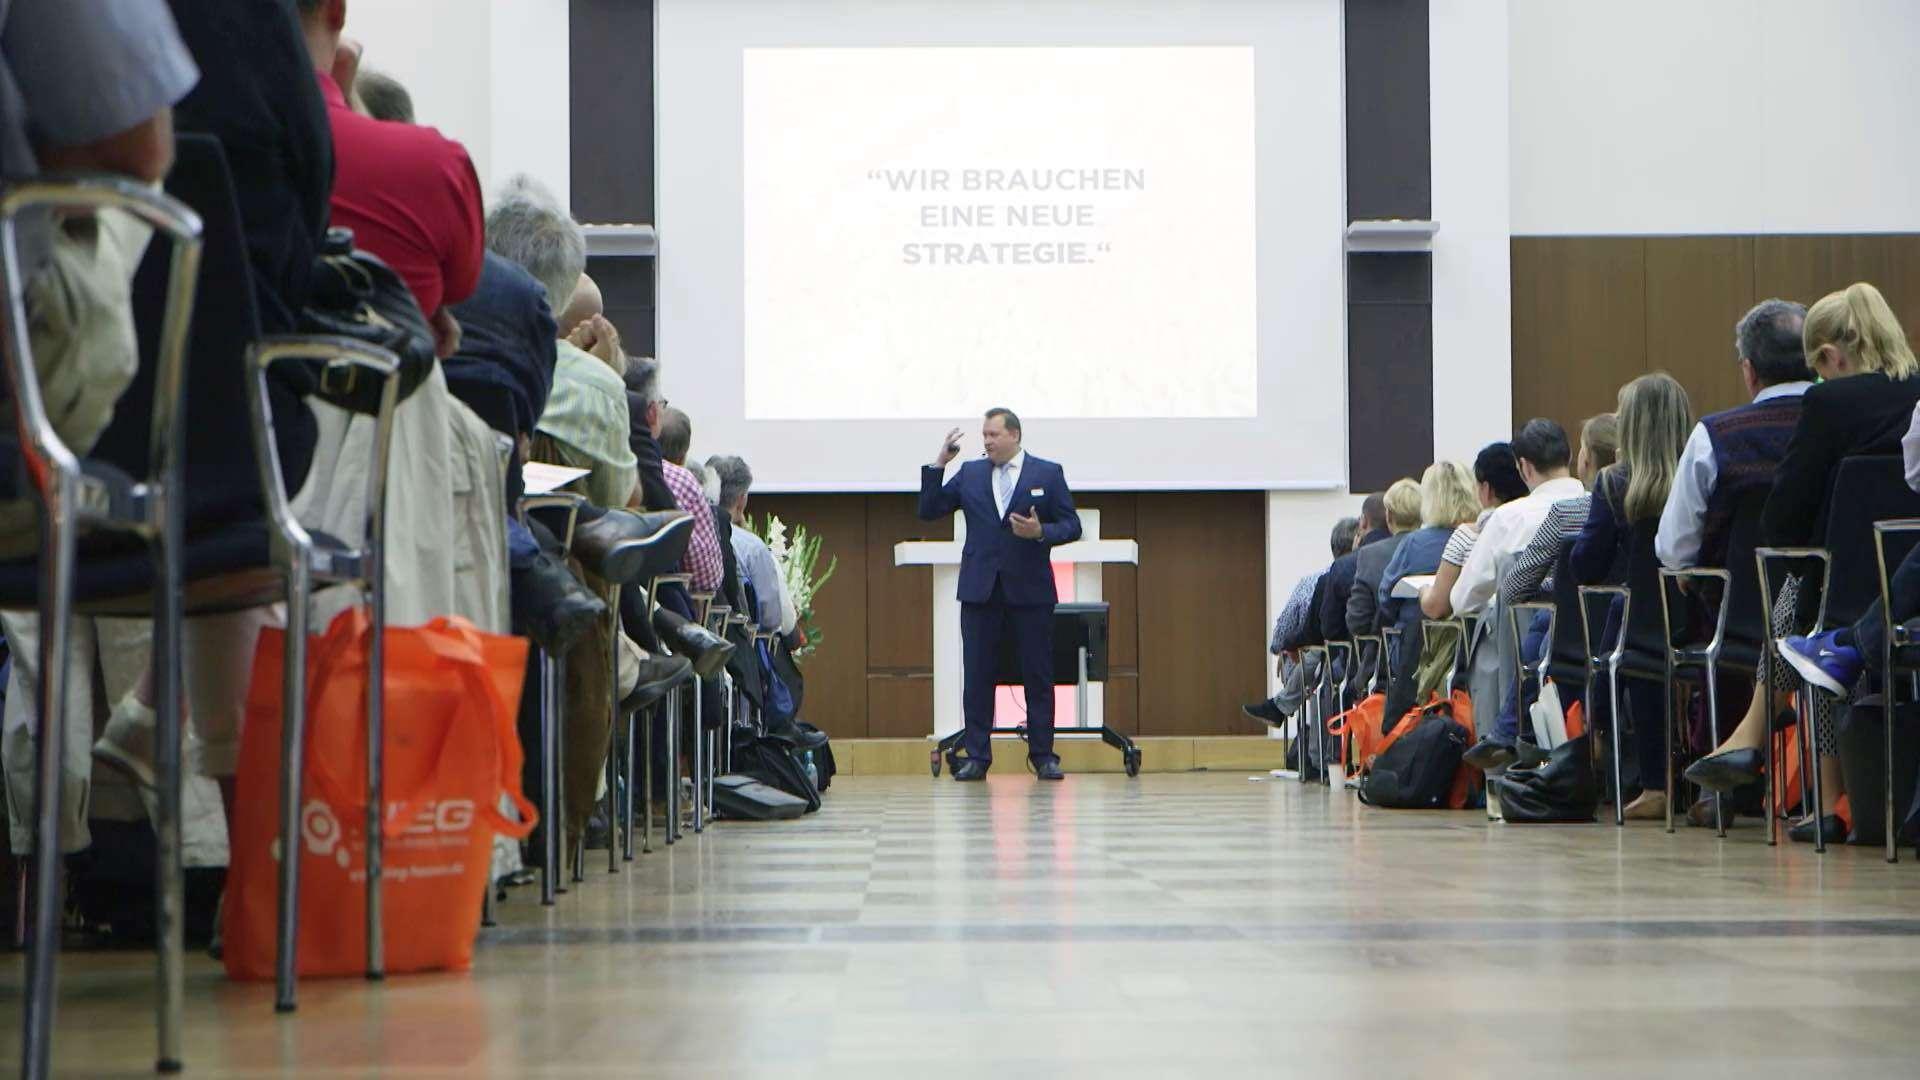 Ein Mann hält einen Vortrag in einem großen Raum voller sitzender Menschen